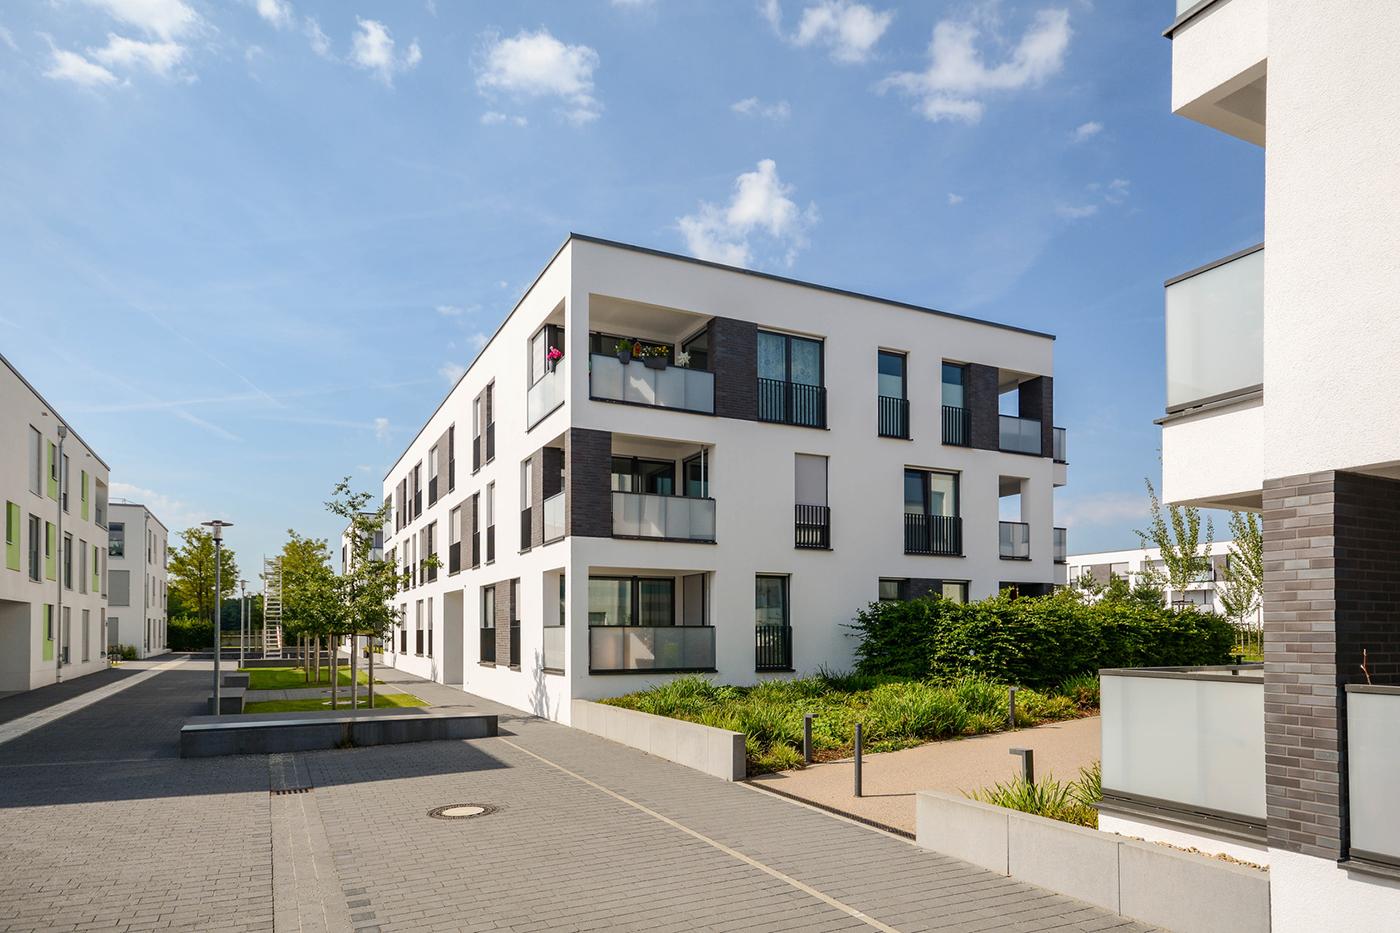 Interessiert an einem neuen Fassadenanstrich in Arnsberg?